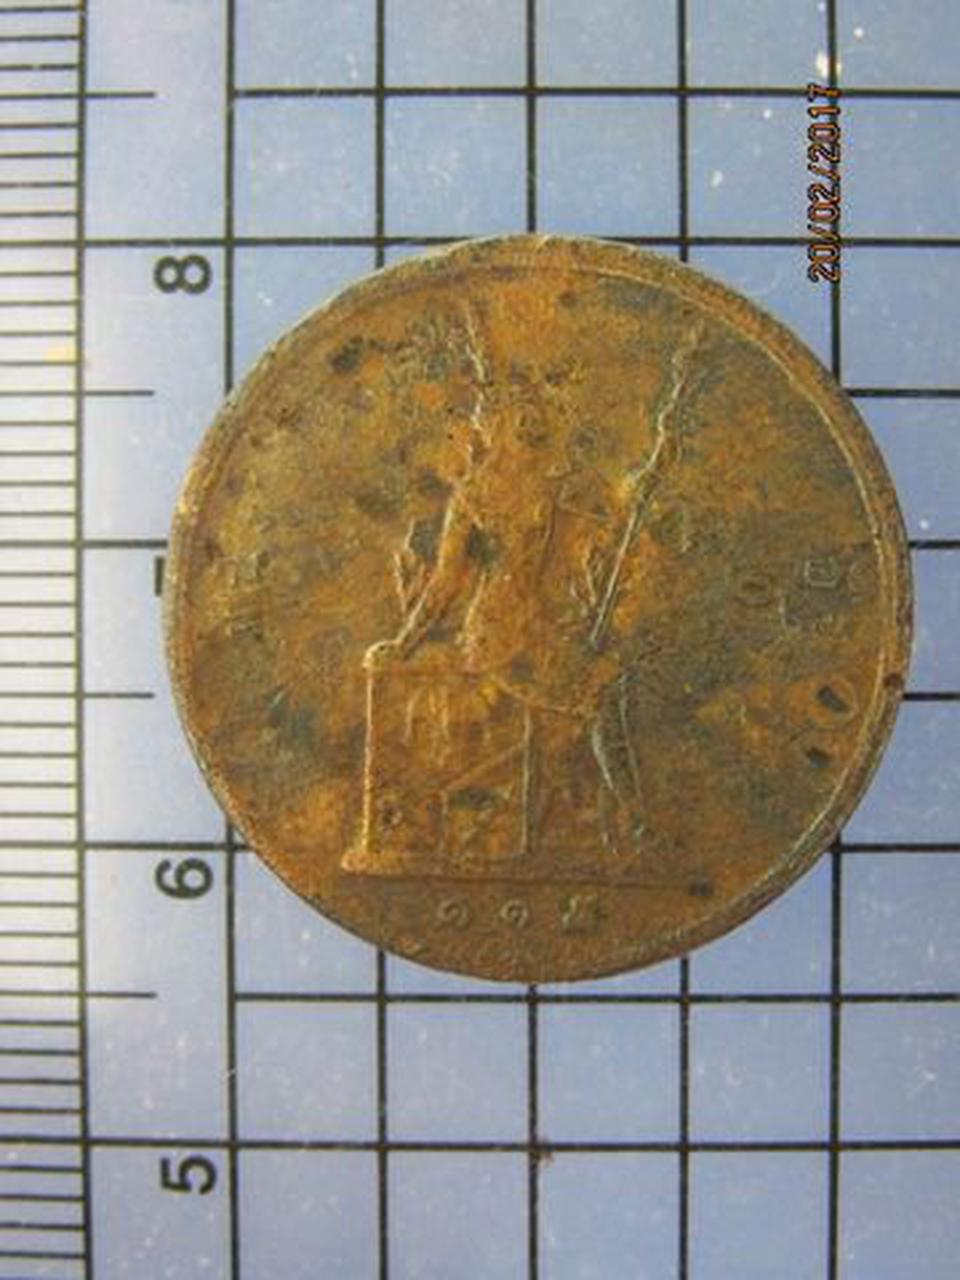 4273 เหรียญทองแดง 1อัฐ รศ.115 ตราพระสยามเทวาธิราช หัวไม่ตรงก รูปที่ 1